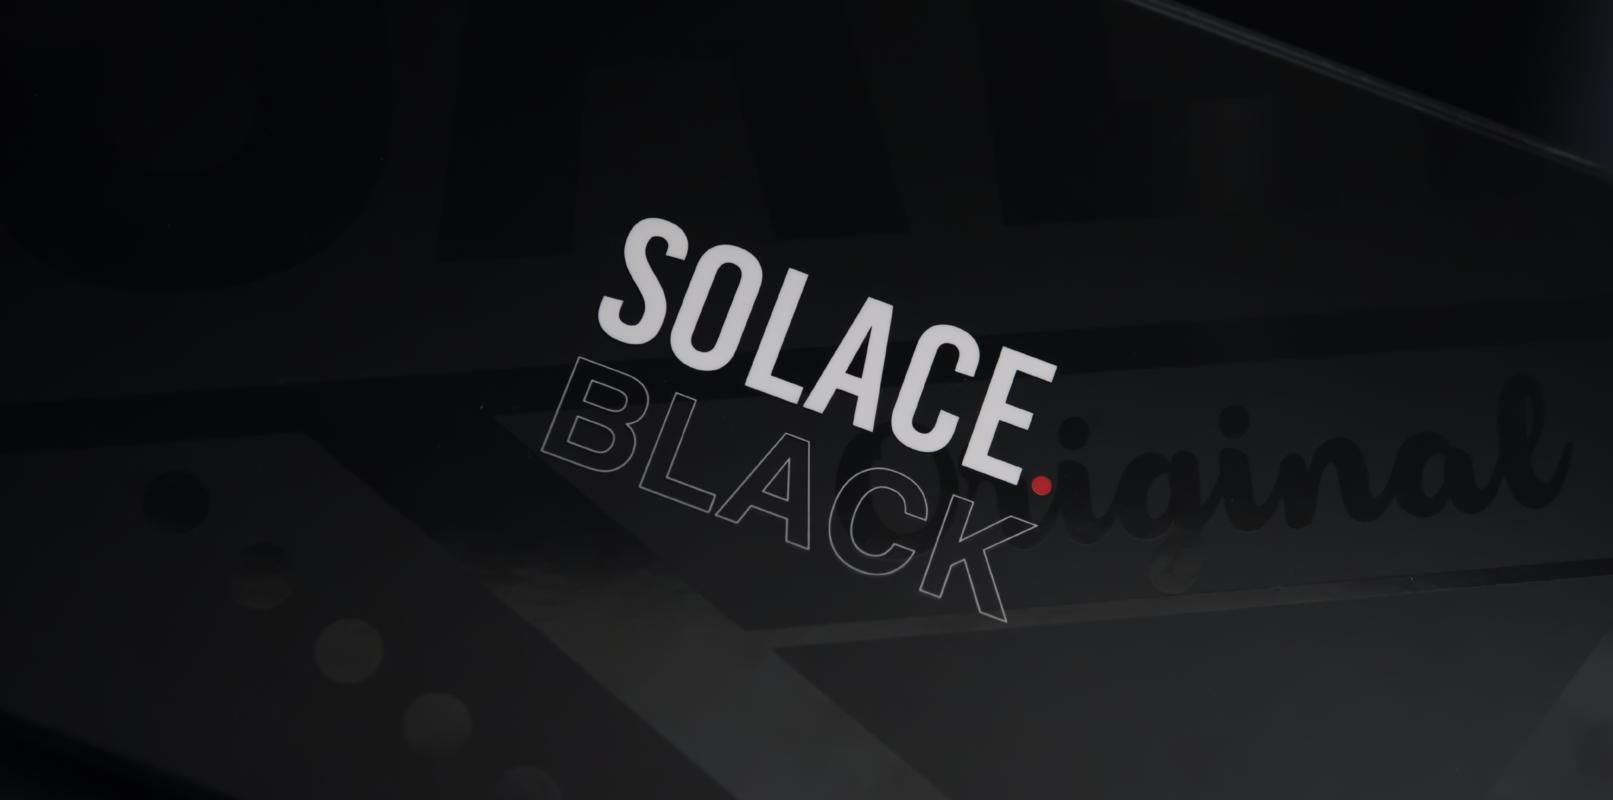 Solace Black